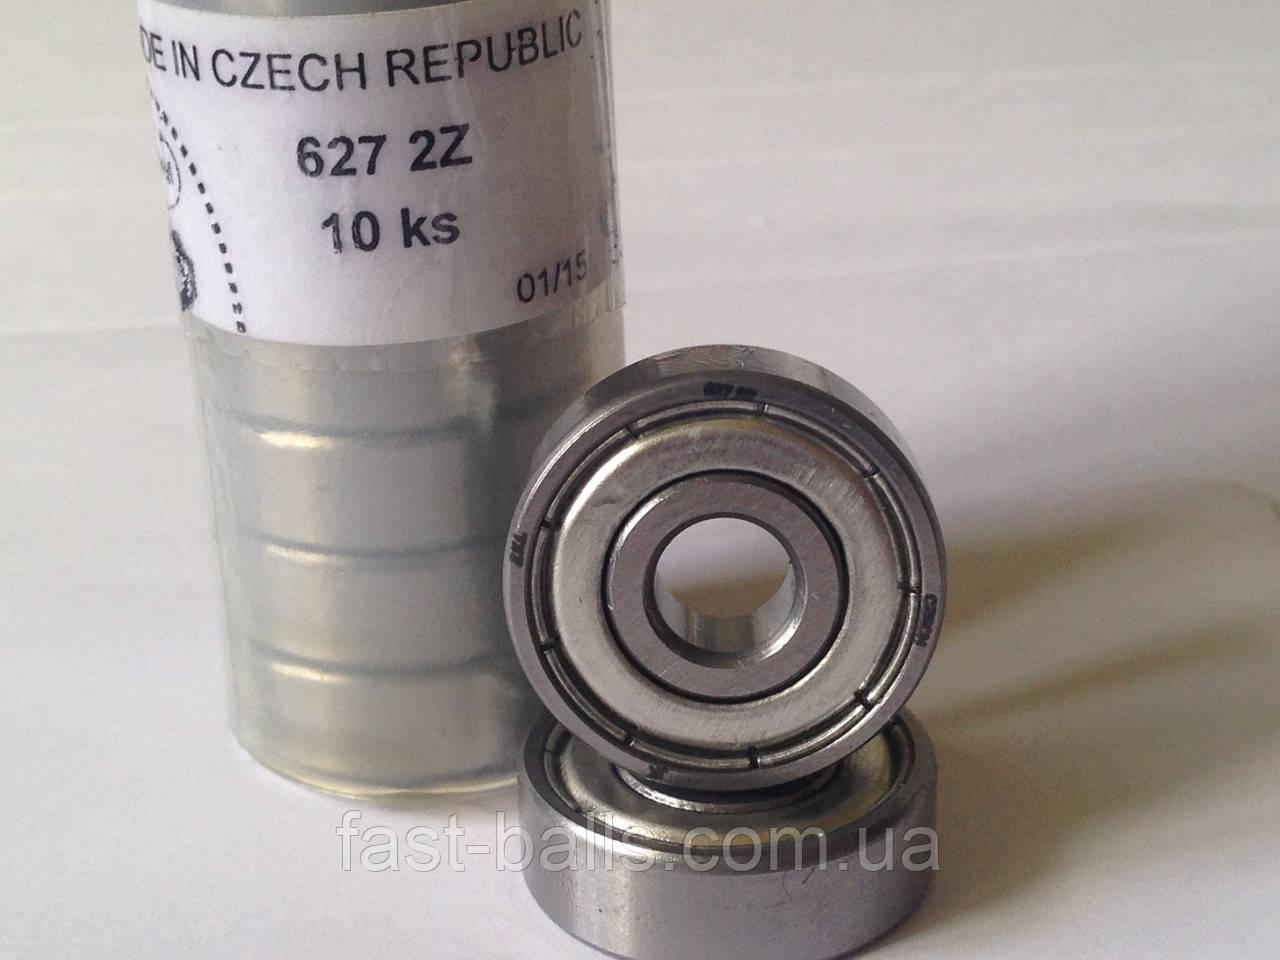 Подшипник ZKL 627 2Z (7x22x7) однорядный